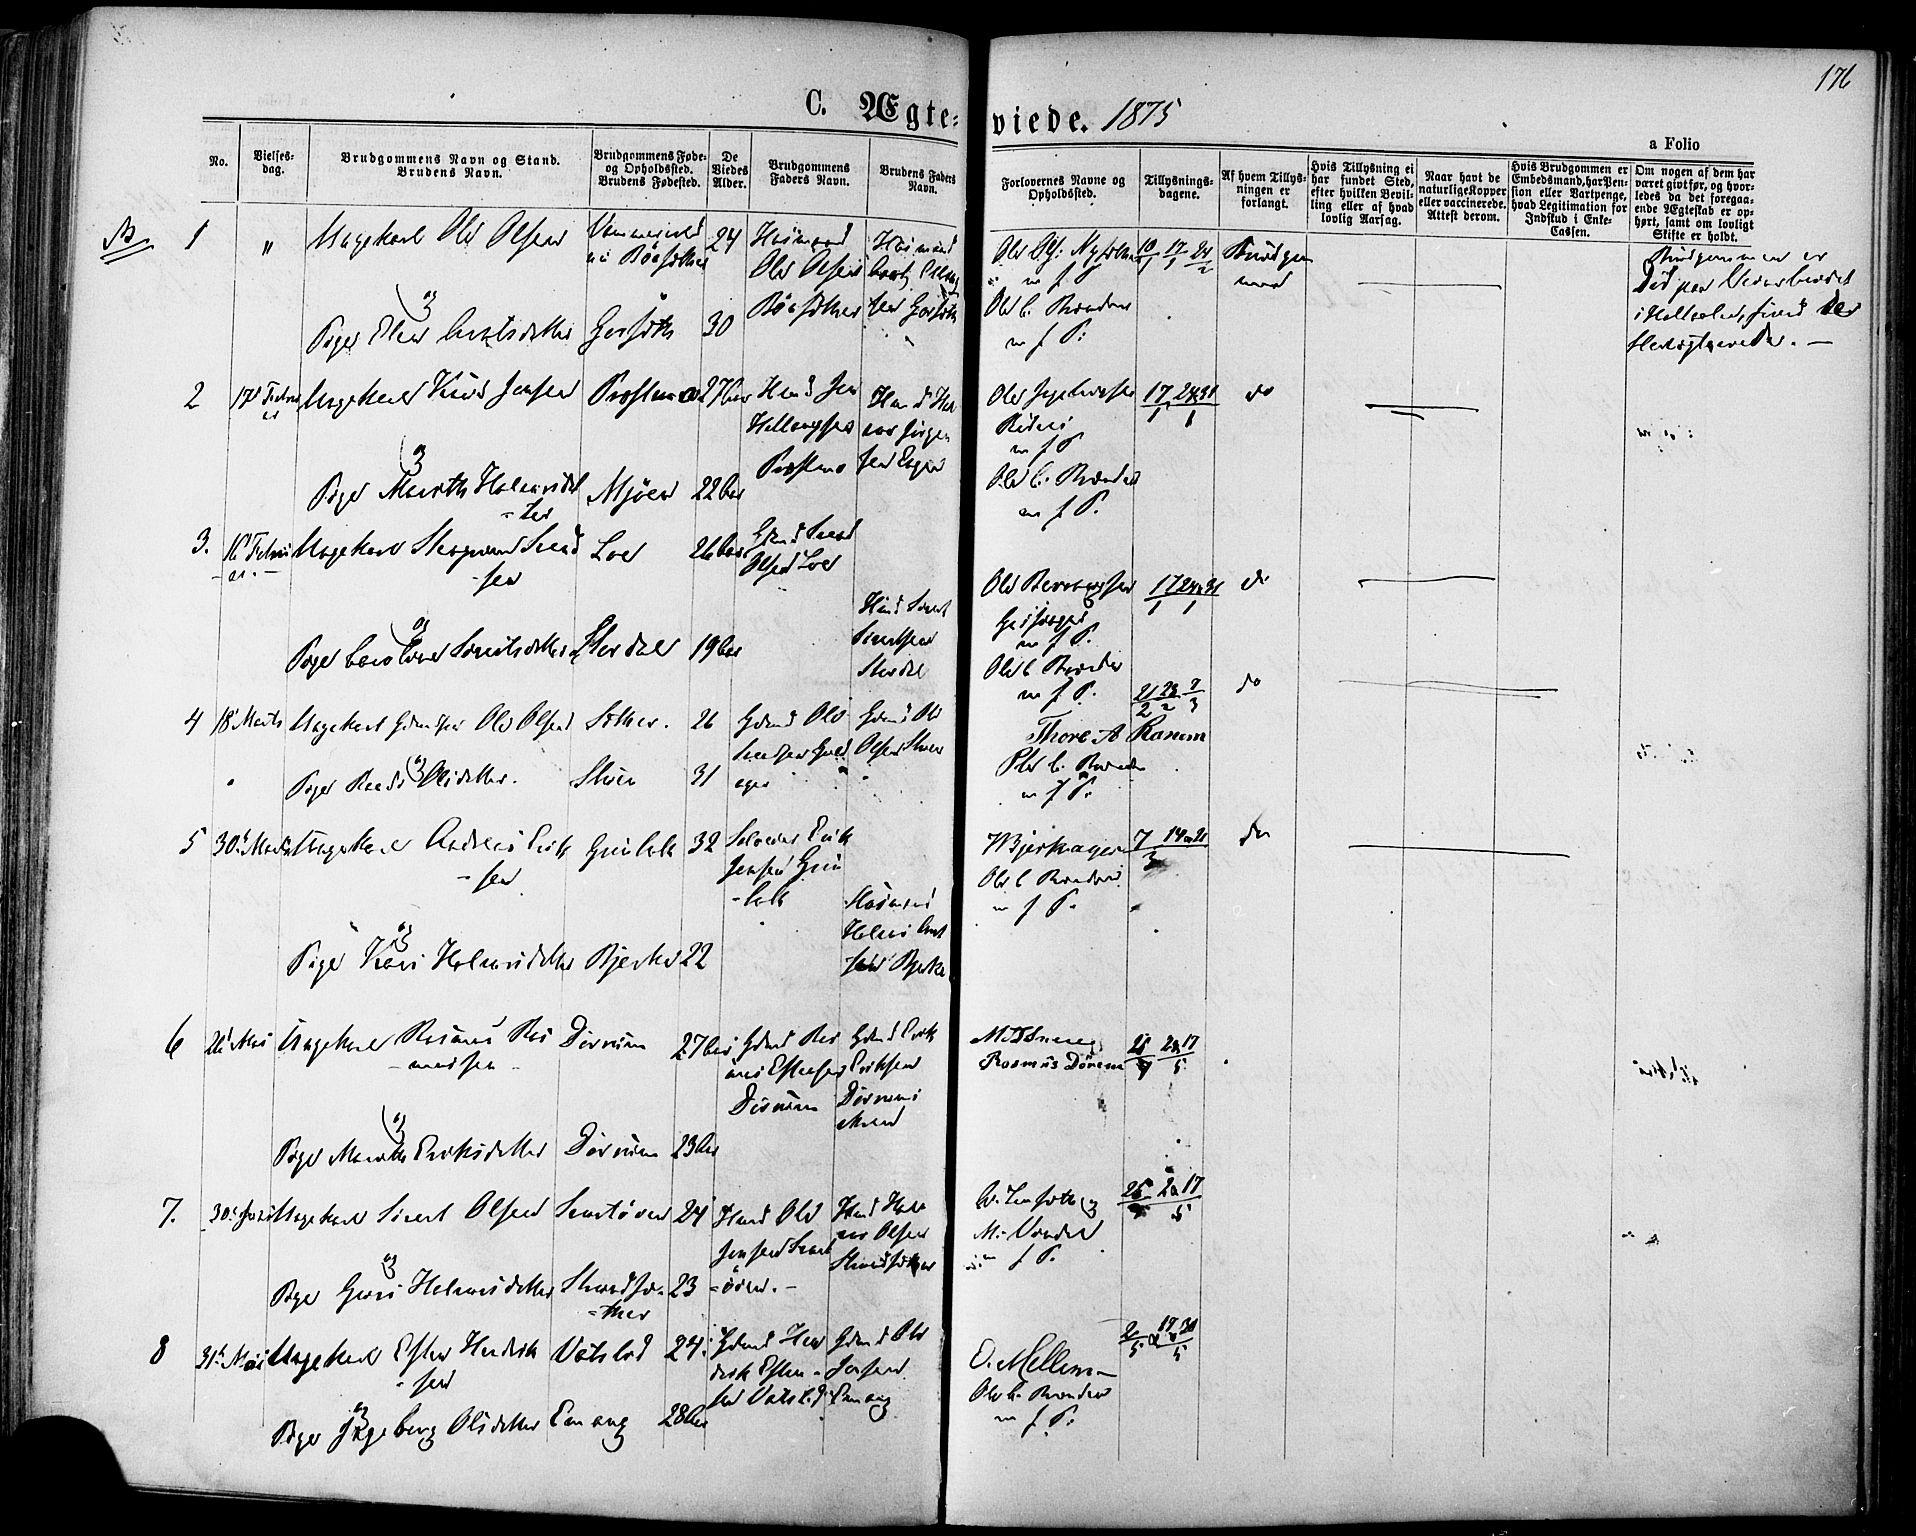 SAT, Ministerialprotokoller, klokkerbøker og fødselsregistre - Sør-Trøndelag, 678/L0900: Ministerialbok nr. 678A09, 1872-1881, s. 176